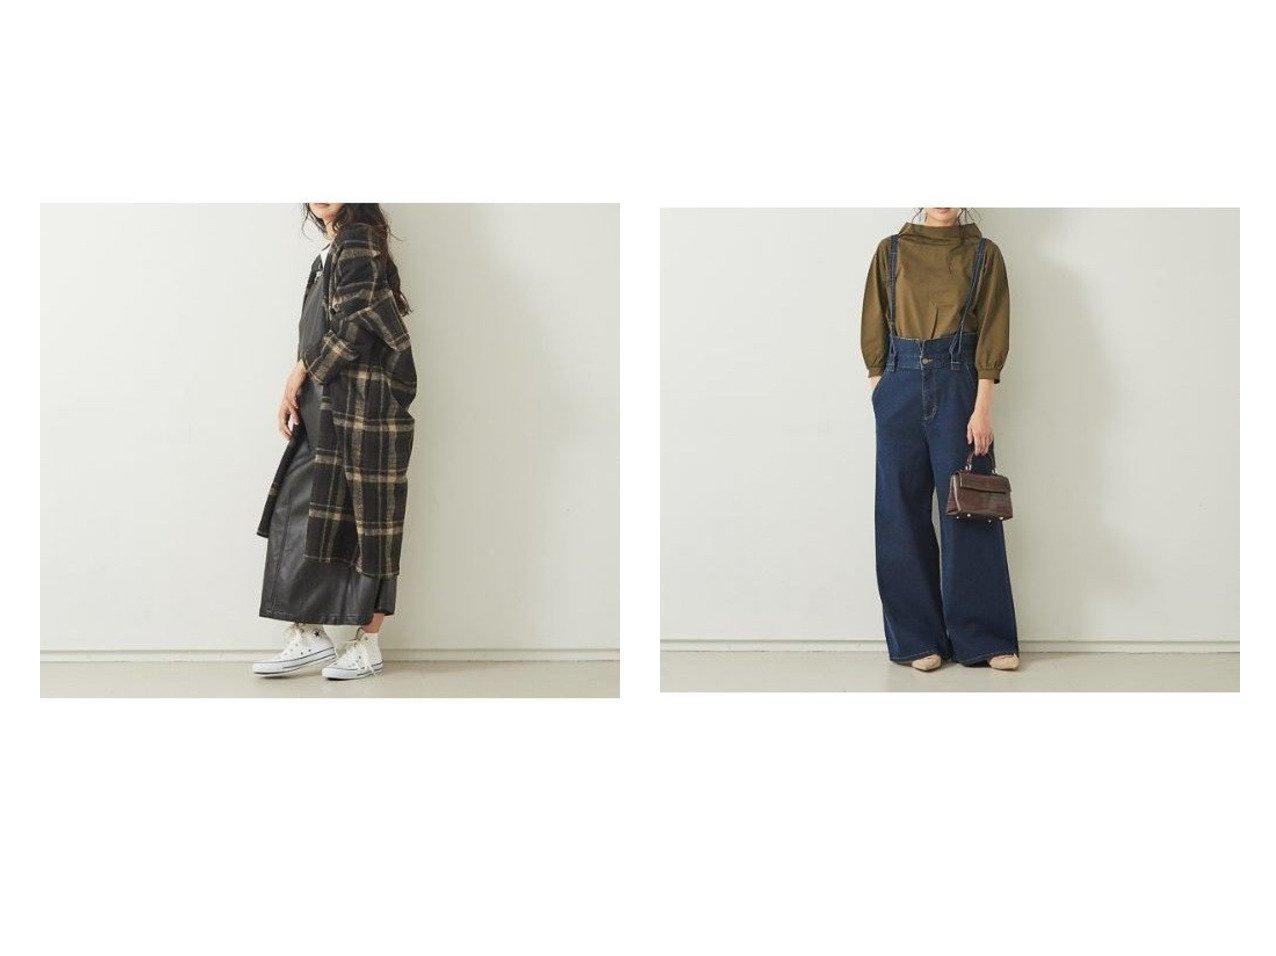 【Rouge vif/ルージュ ヴィフ】の【Mylanka】チェック柄ニットコート&【Mylanka】ワイドデニムサロペット Rouge vifのおすすめ!人気、トレンド・レディースファッションの通販 おすすめで人気の流行・トレンド、ファッションの通販商品 メンズファッション・キッズファッション・インテリア・家具・レディースファッション・服の通販 founy(ファニー) https://founy.com/ ファッション Fashion レディースファッション WOMEN アウター Coat Outerwear コート Coats チェスターコート Top Coat ワンピース Dress サロペット Salopette A/W 秋冬 AW Autumn/Winter / FW Fall-Winter ガウン サロペット チェスターコート チェック リラックス インディゴ カットソー サスペンダー シンプル ストレッチ ストレート デニム ワイド  ID:crp329100000019124